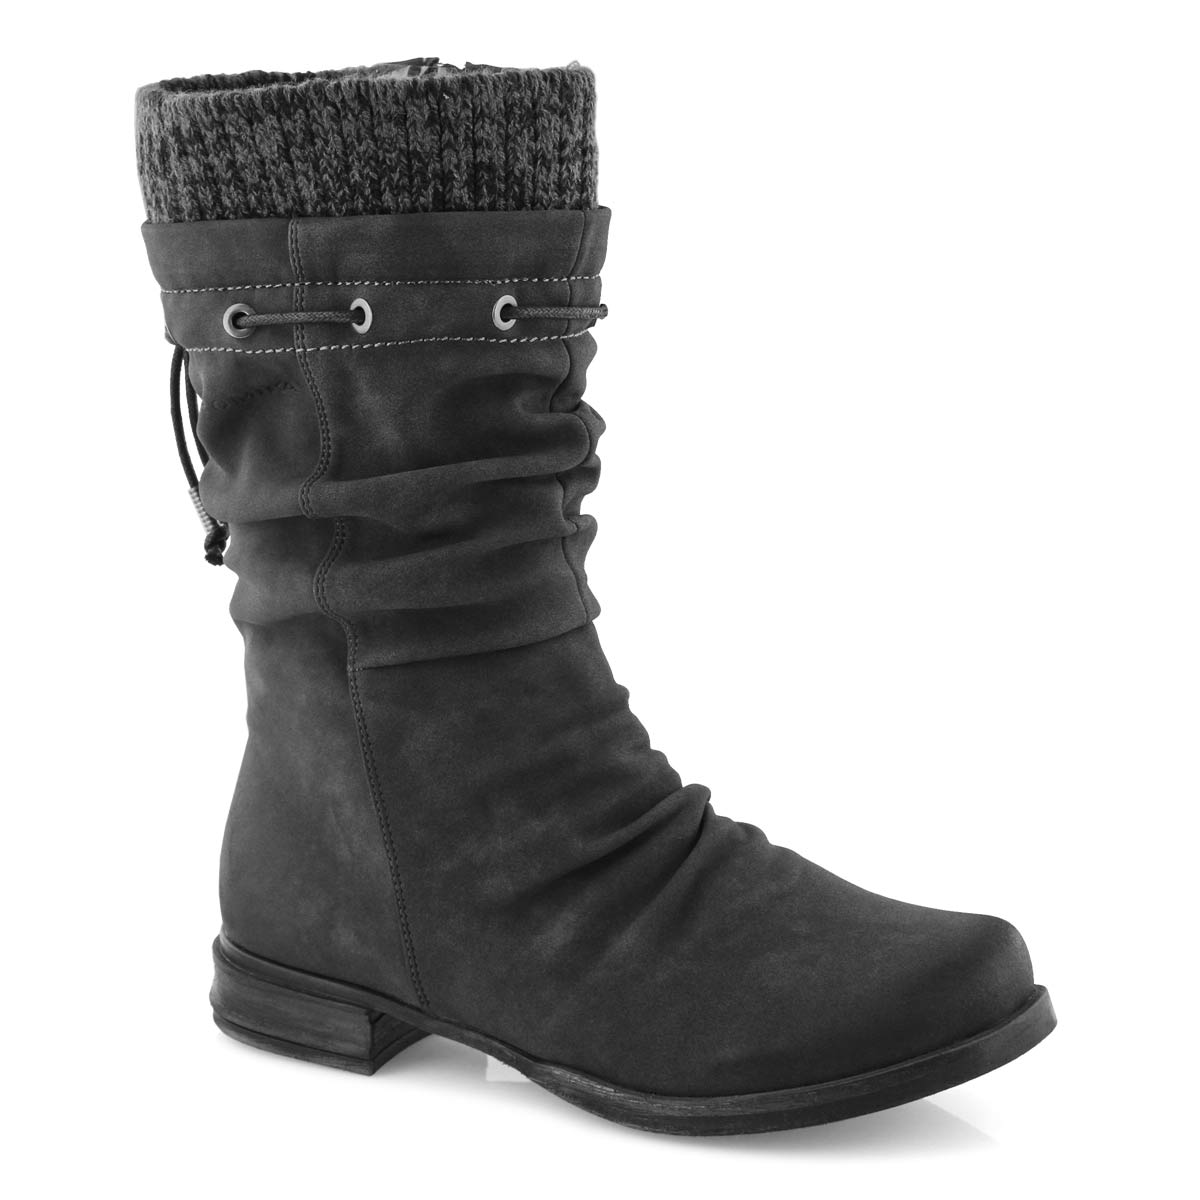 Lds Venus 06 anthracite mid calf boot